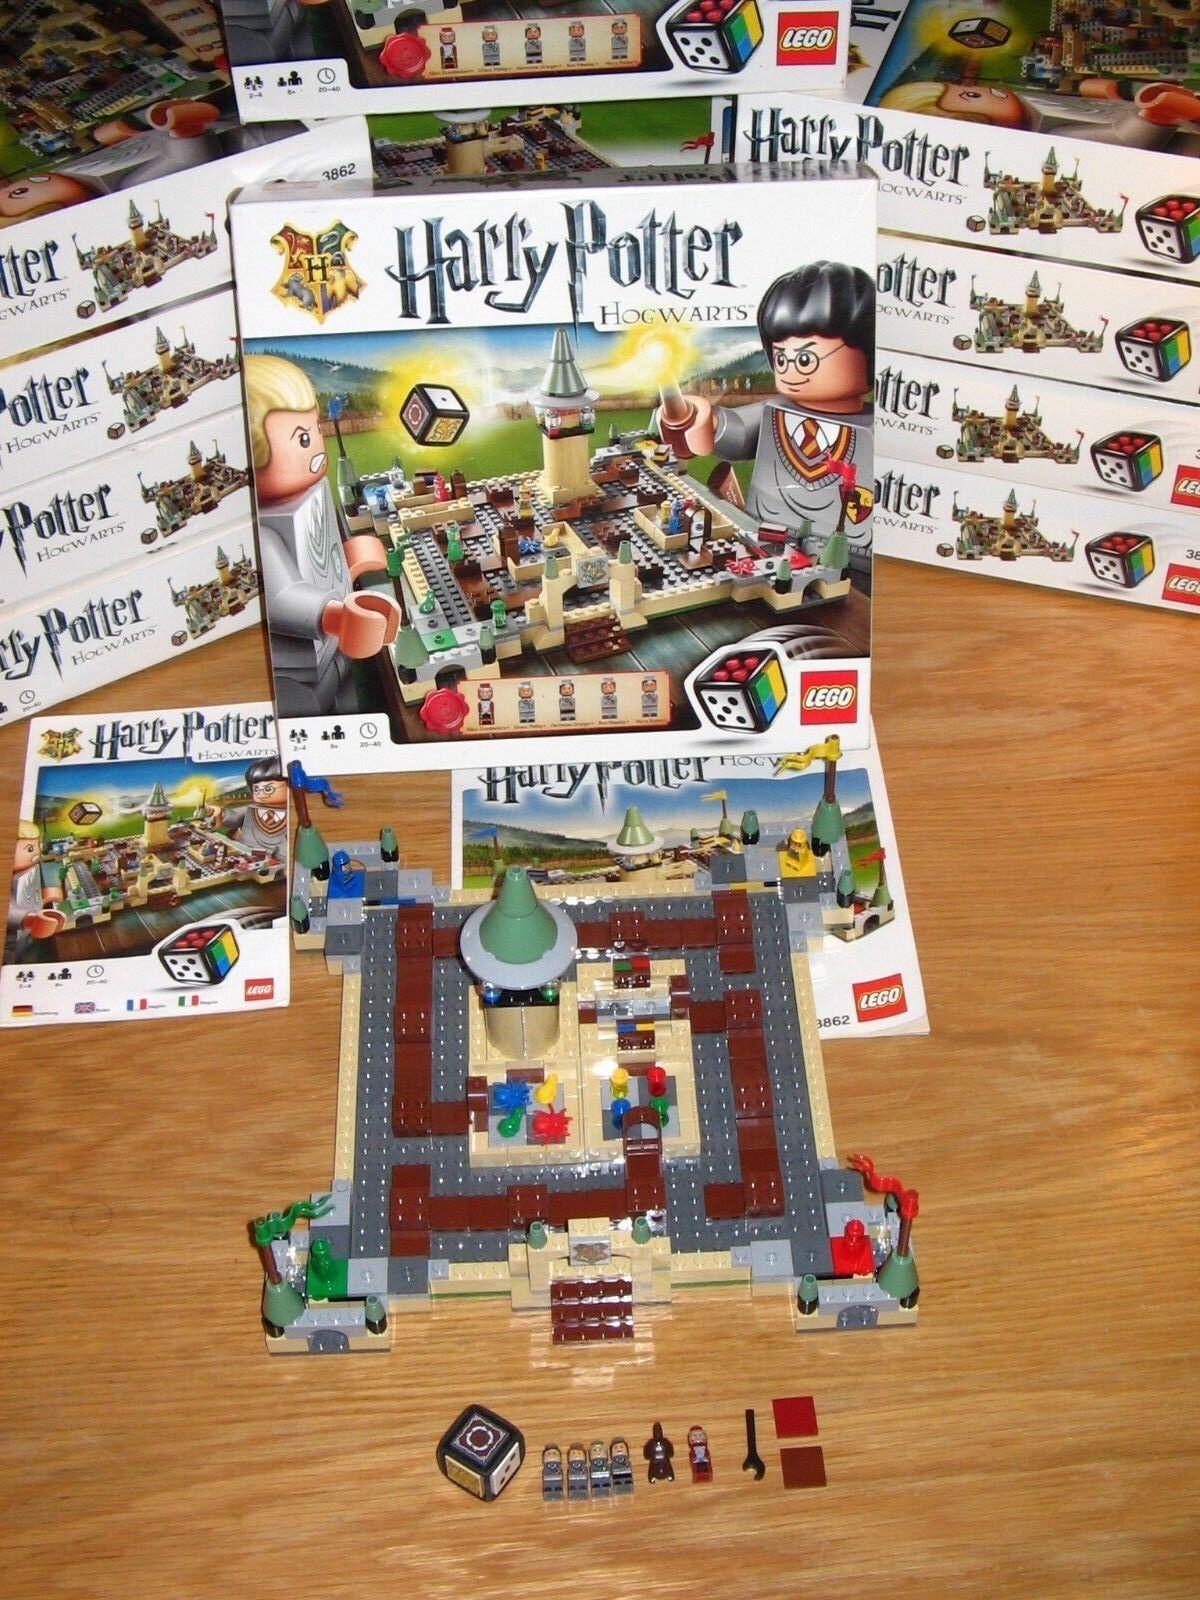 RARE LEGO Games Harry Potter Hogwarts 3862 Board Game - UK TRUSTED SELLER